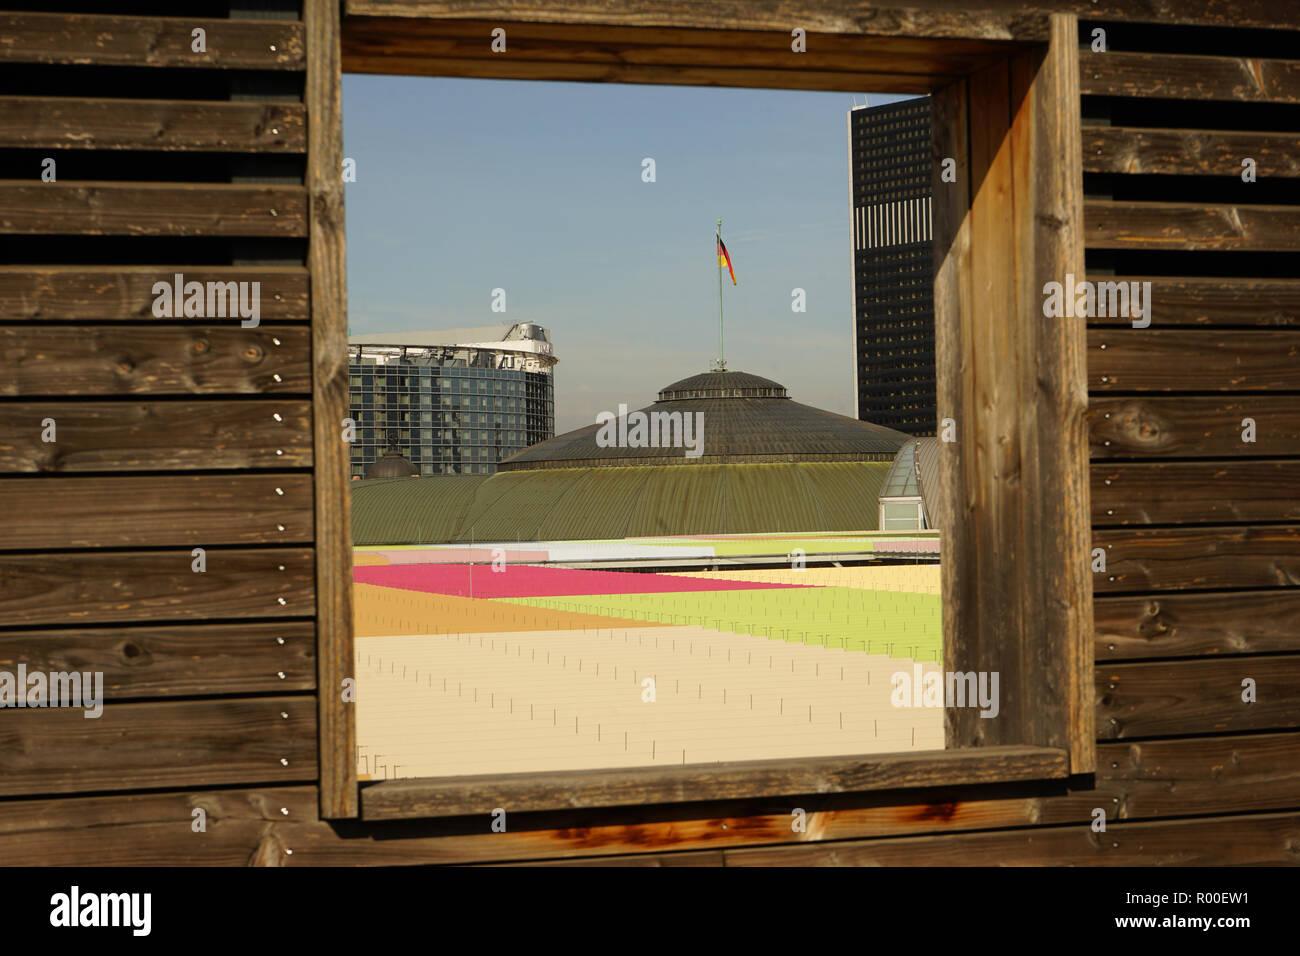 Blick auf die Kuppel der Festhalle Messe, Skyline Garden, Skyline Plaza, Europaviertel, Frankfurt am Main Stock Photo